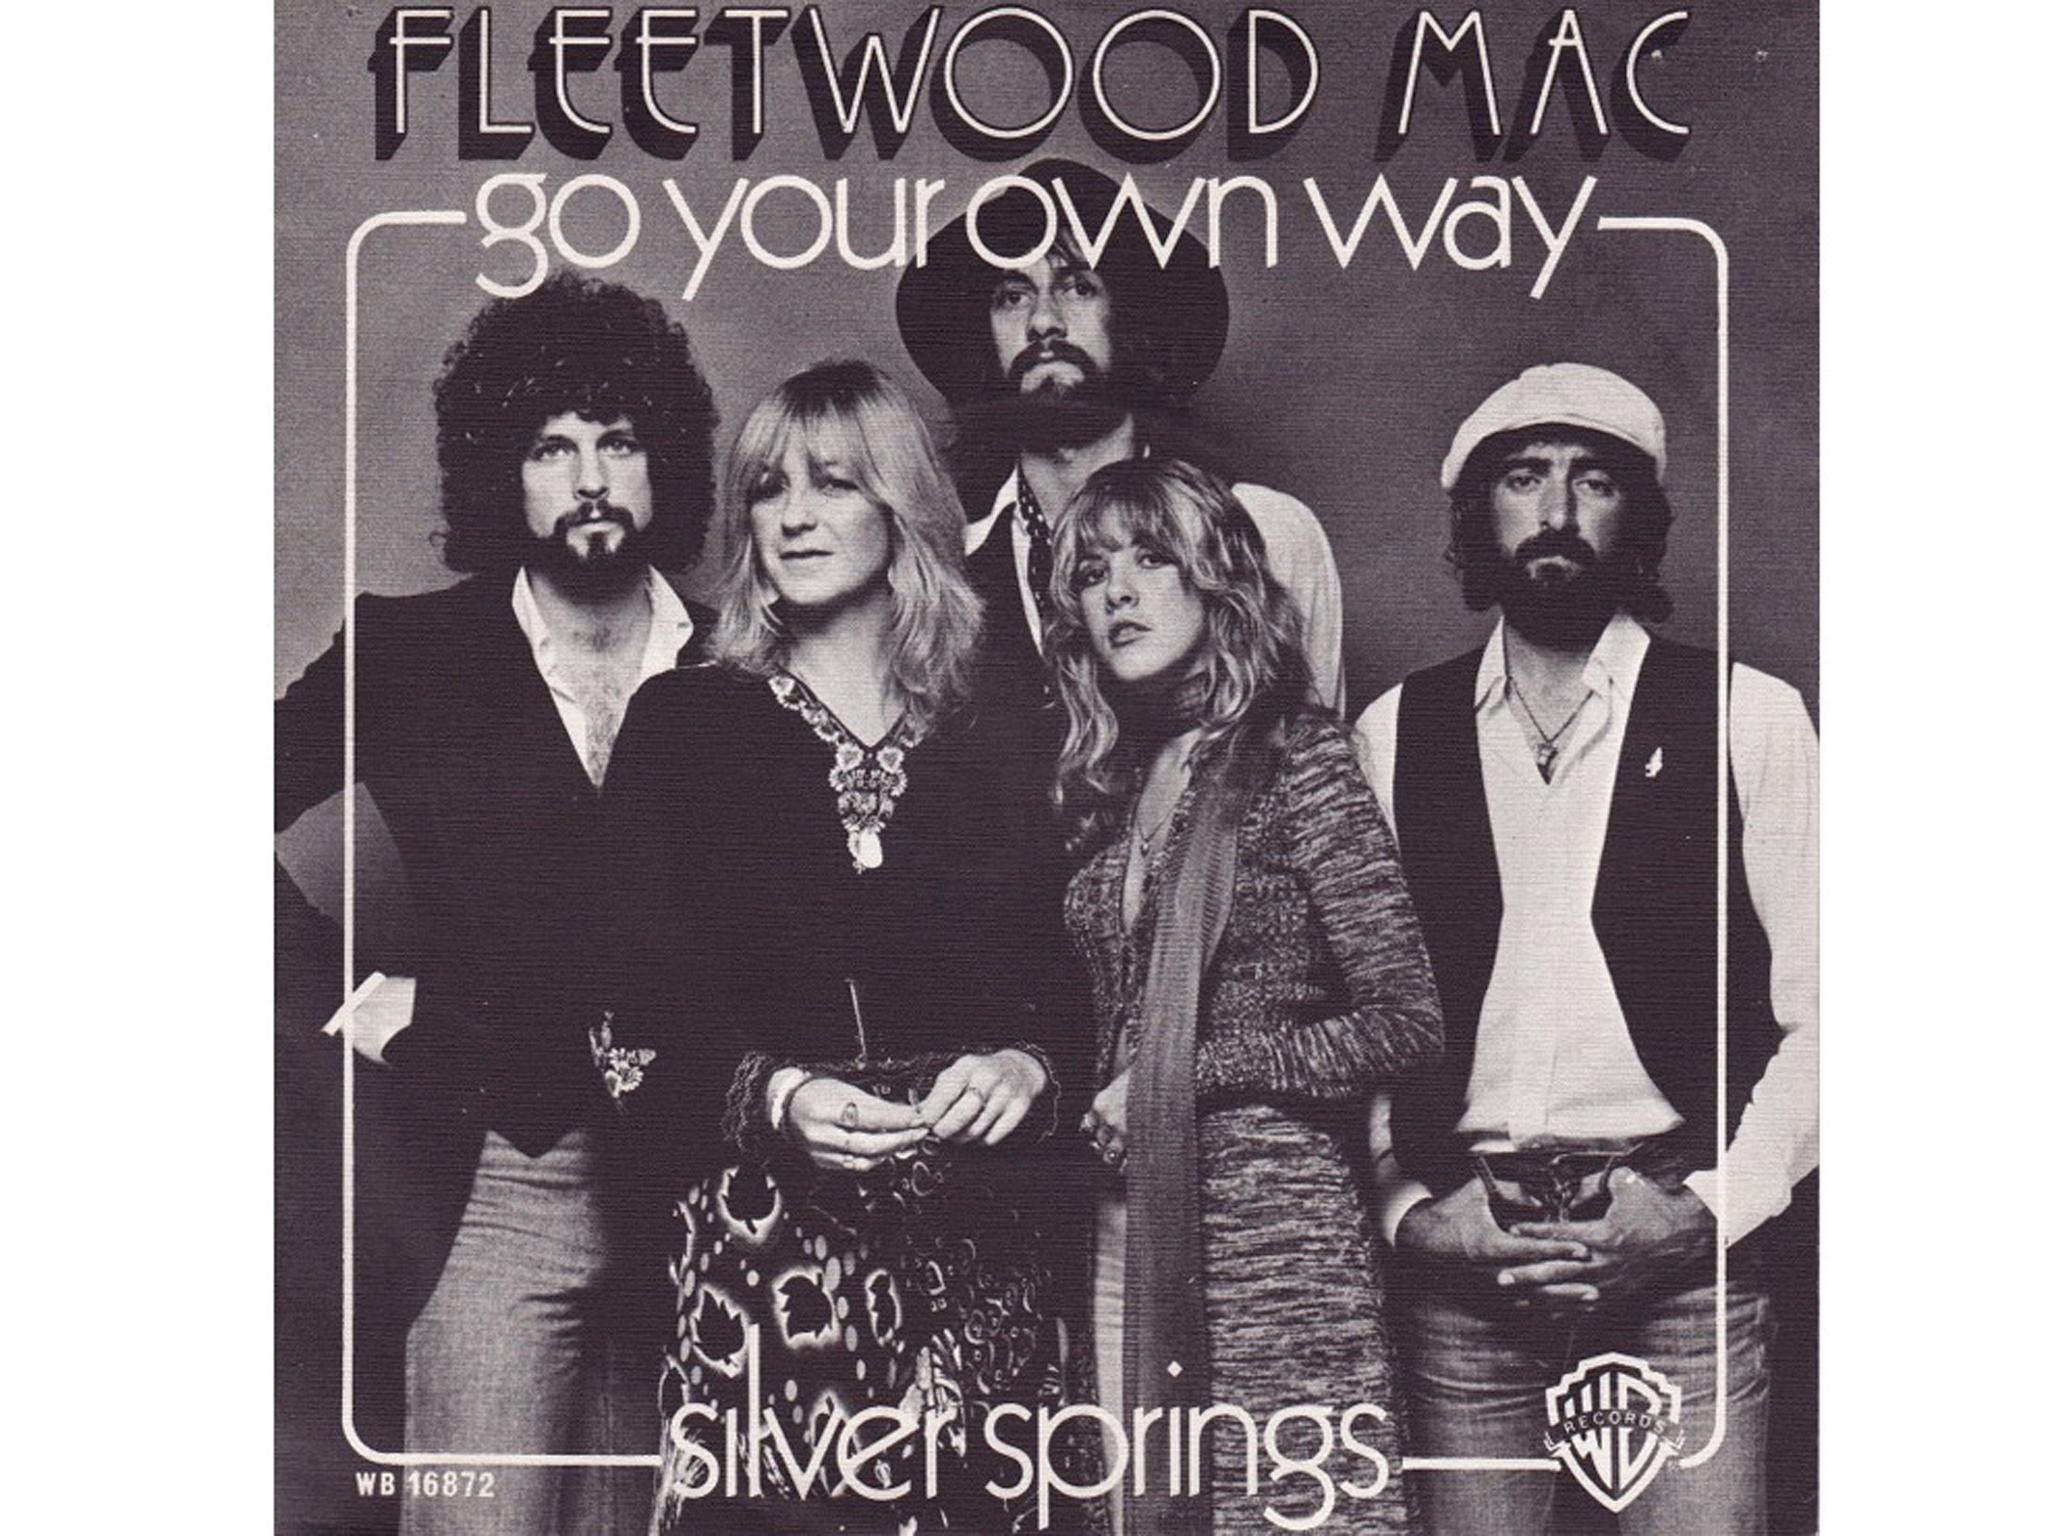 'Go Your Own Way' – Fleetwood Mac